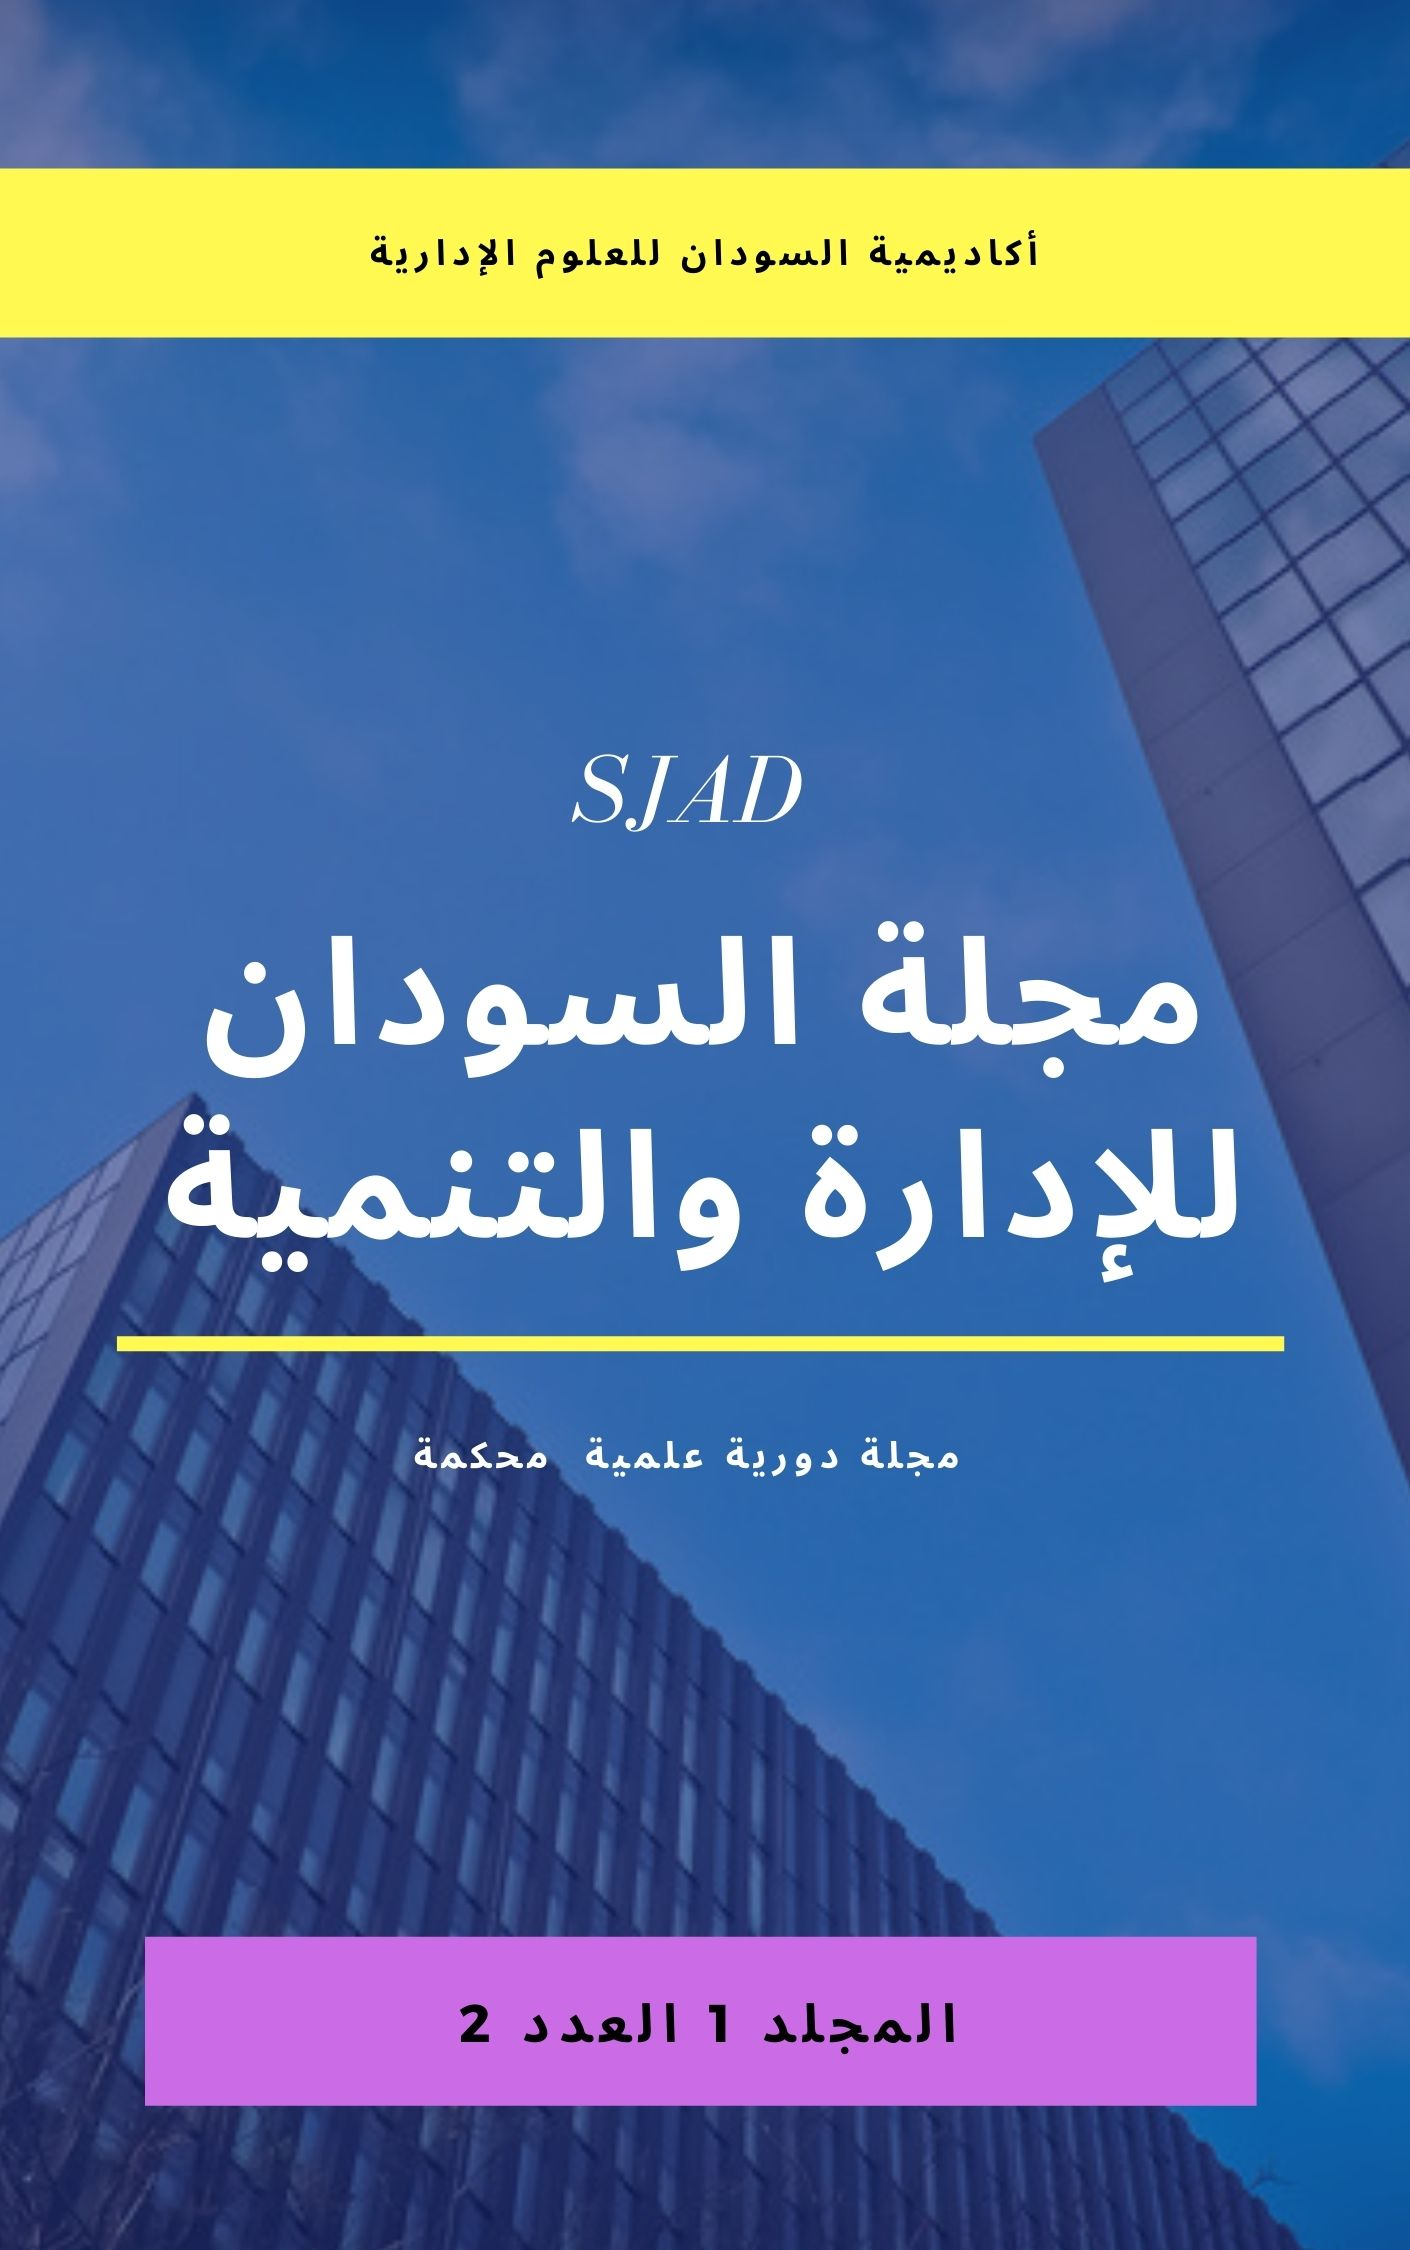 معاينة مجلد 1 عدد 2 (2): مجلة السودان للإدارة  والتنمية